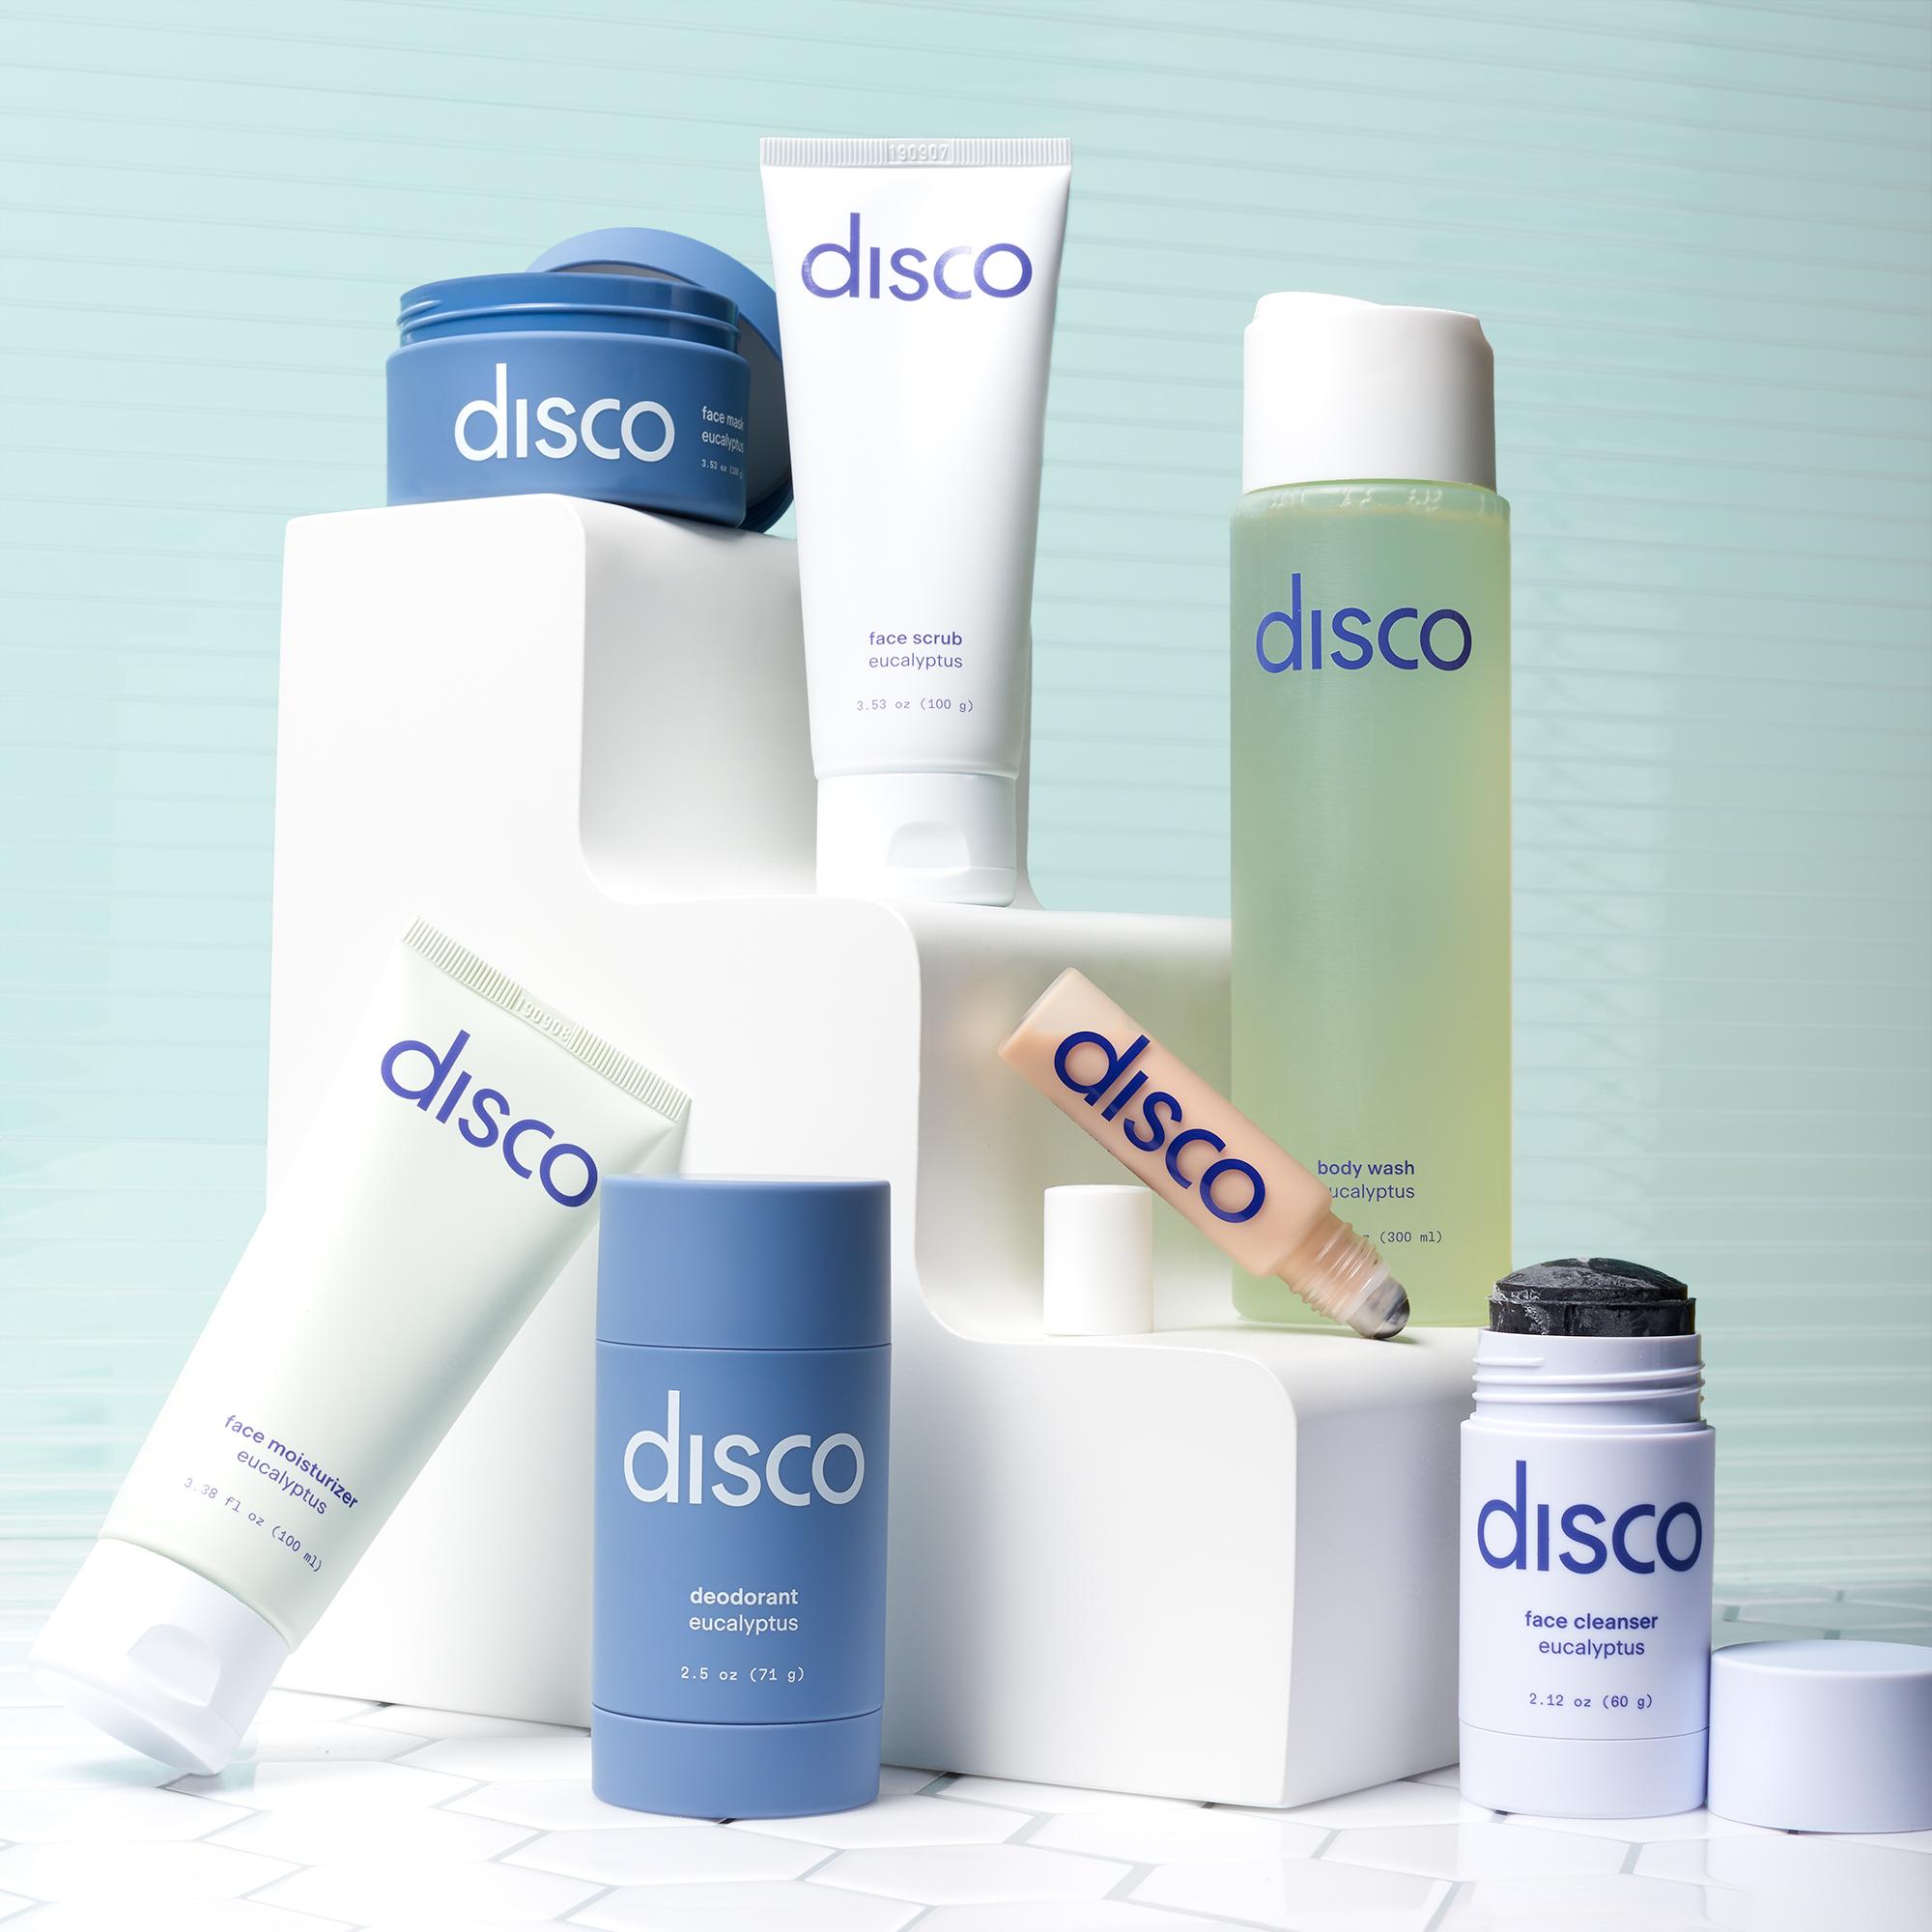 Disco-Lifestyle7830